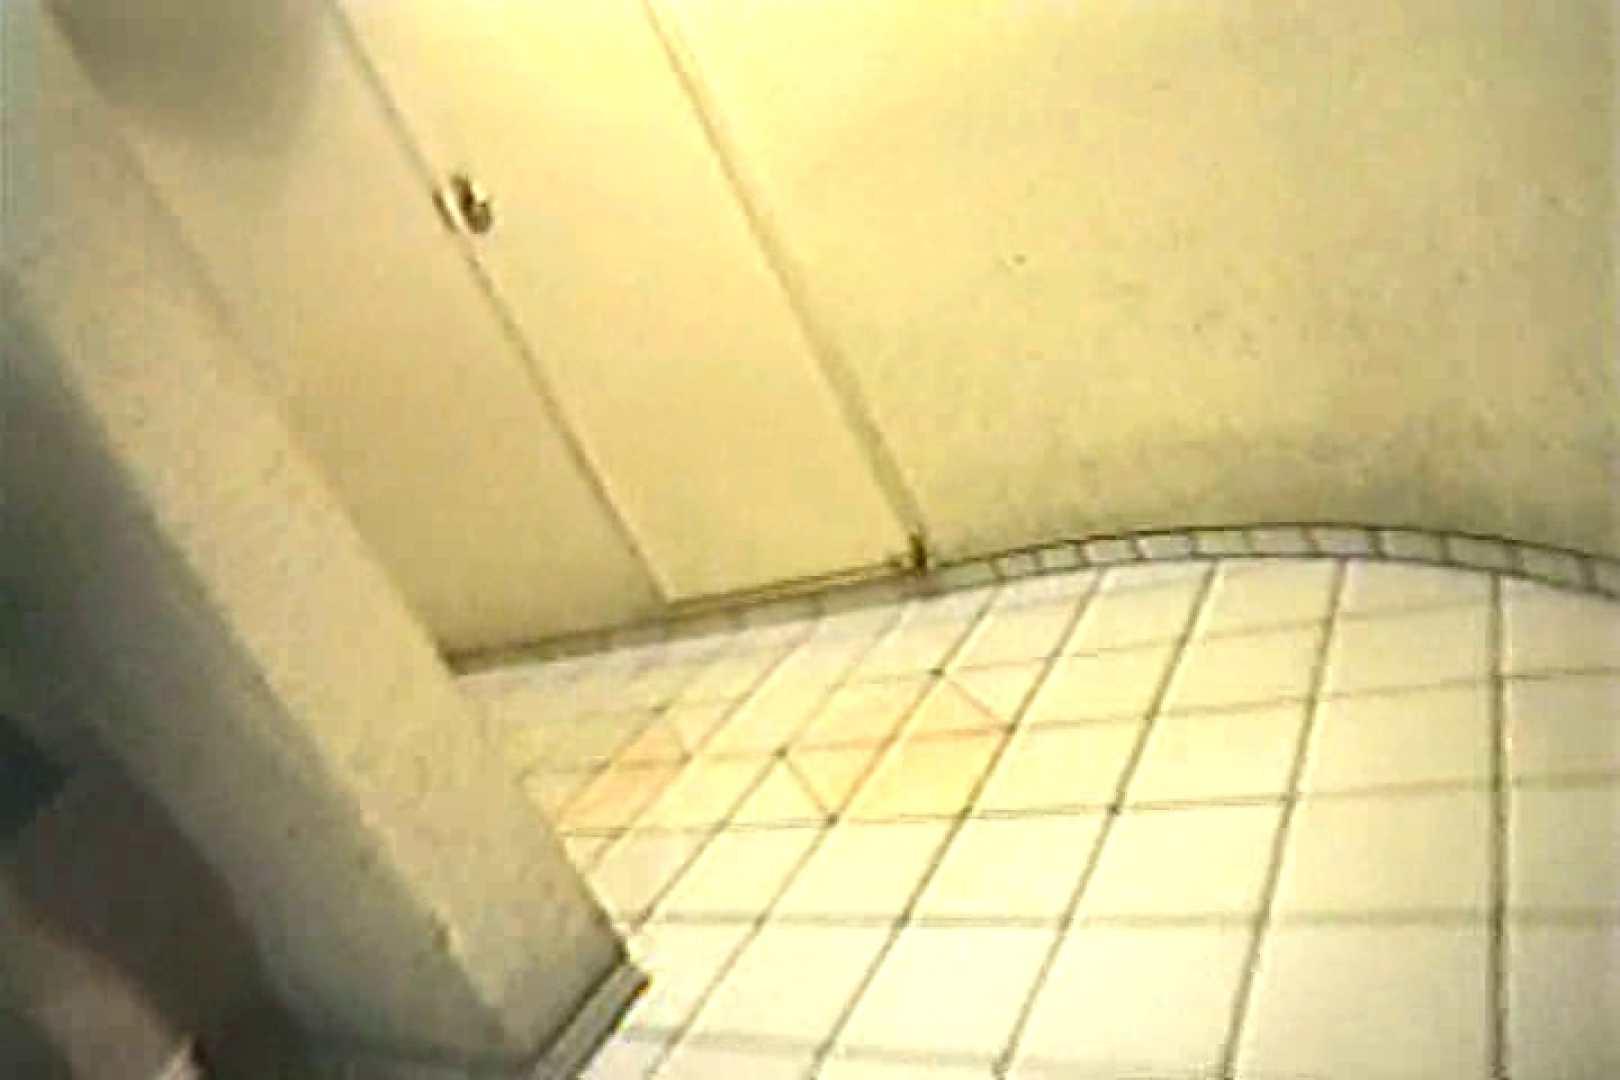 投稿盗撮 女子洗面所上から下から後ろから  TK-108 洗面所突入 ヌード画像 95pic 68